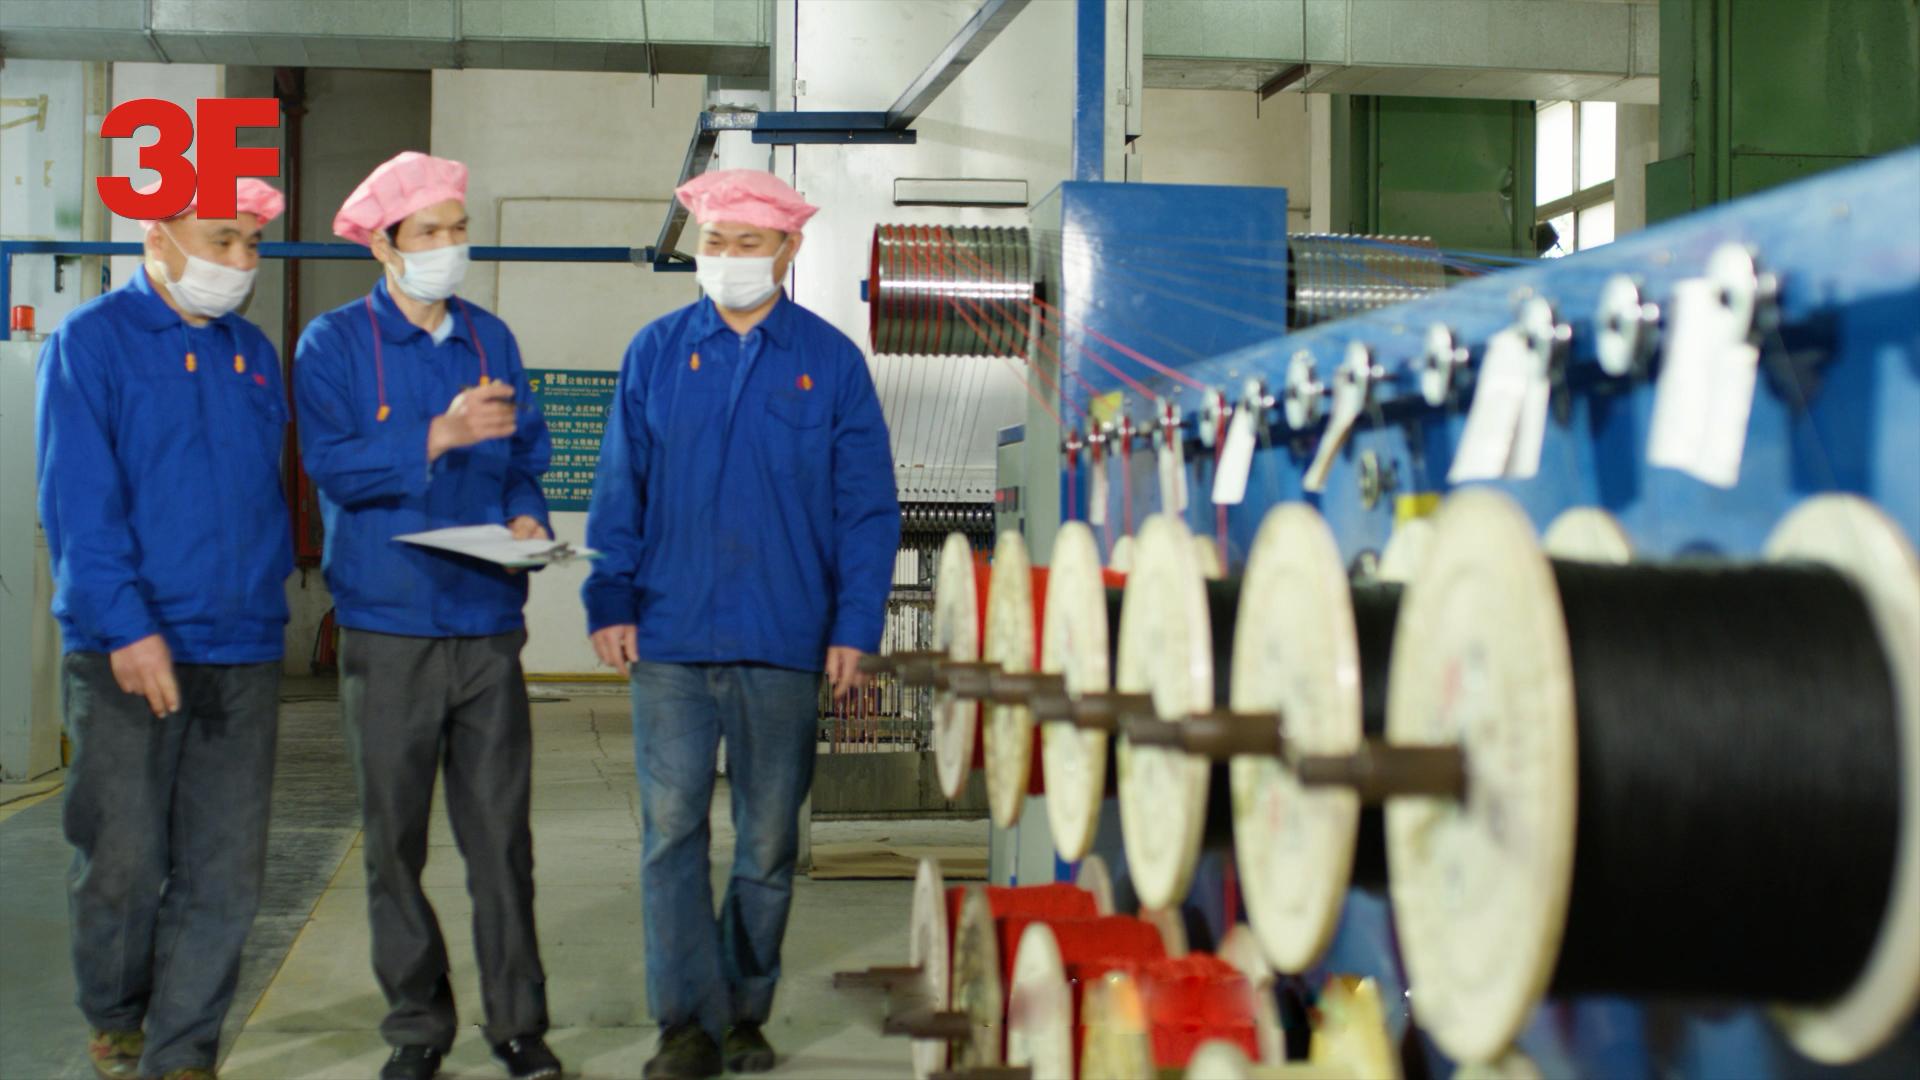 250度硅胶电线取得UL认证,成为天下首家环球第八家UL认证工场